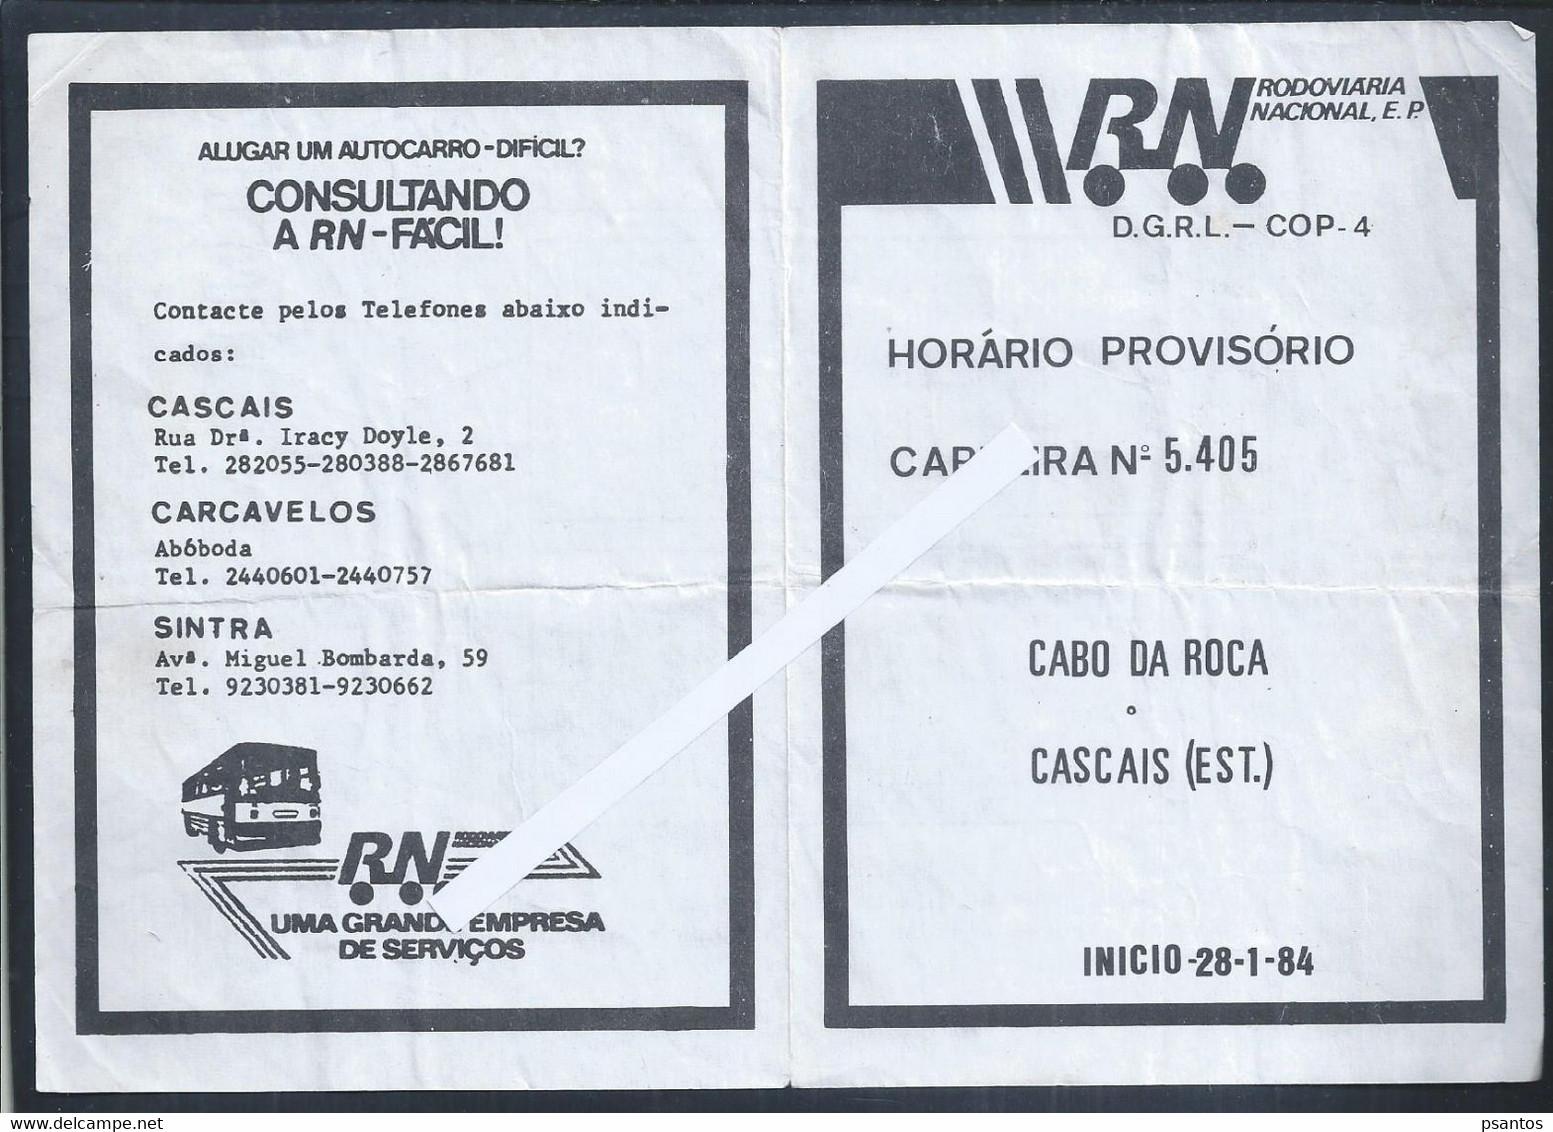 Horário Da Rodoviária Nacional De Cascais/Cabo Da Roca.Schedule Of The Cascais National Bus Station To Cabo Da Roca. - Europe